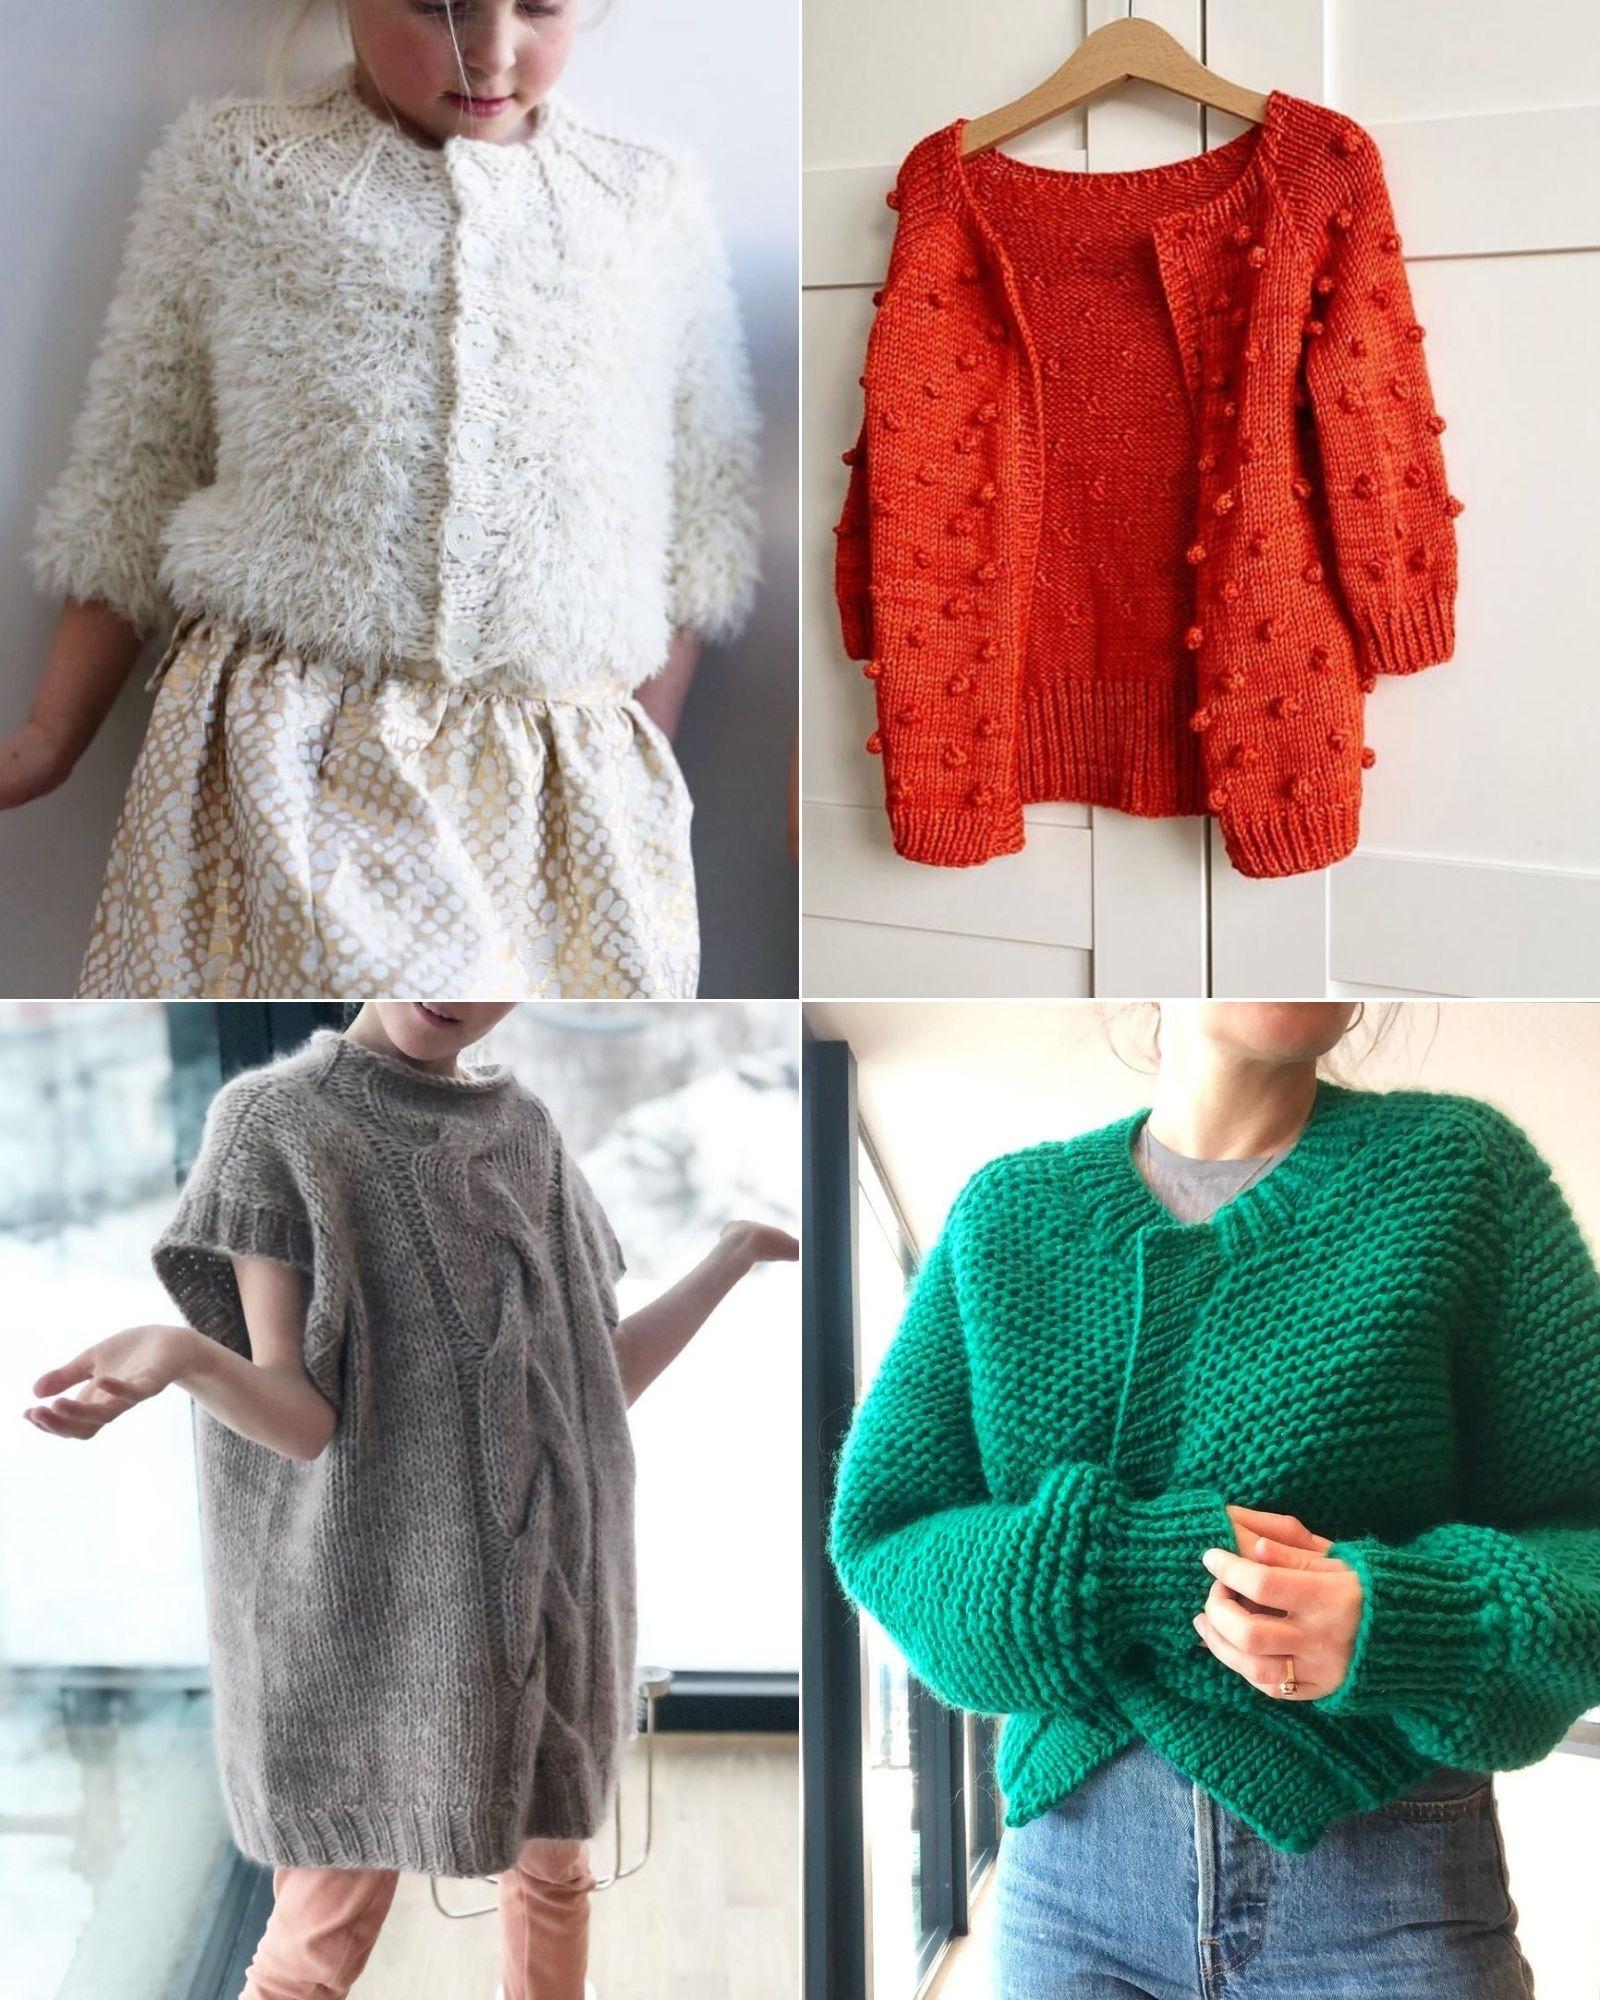 Tài khoản Instagram @madebysiri truyền cảm hứng đan len